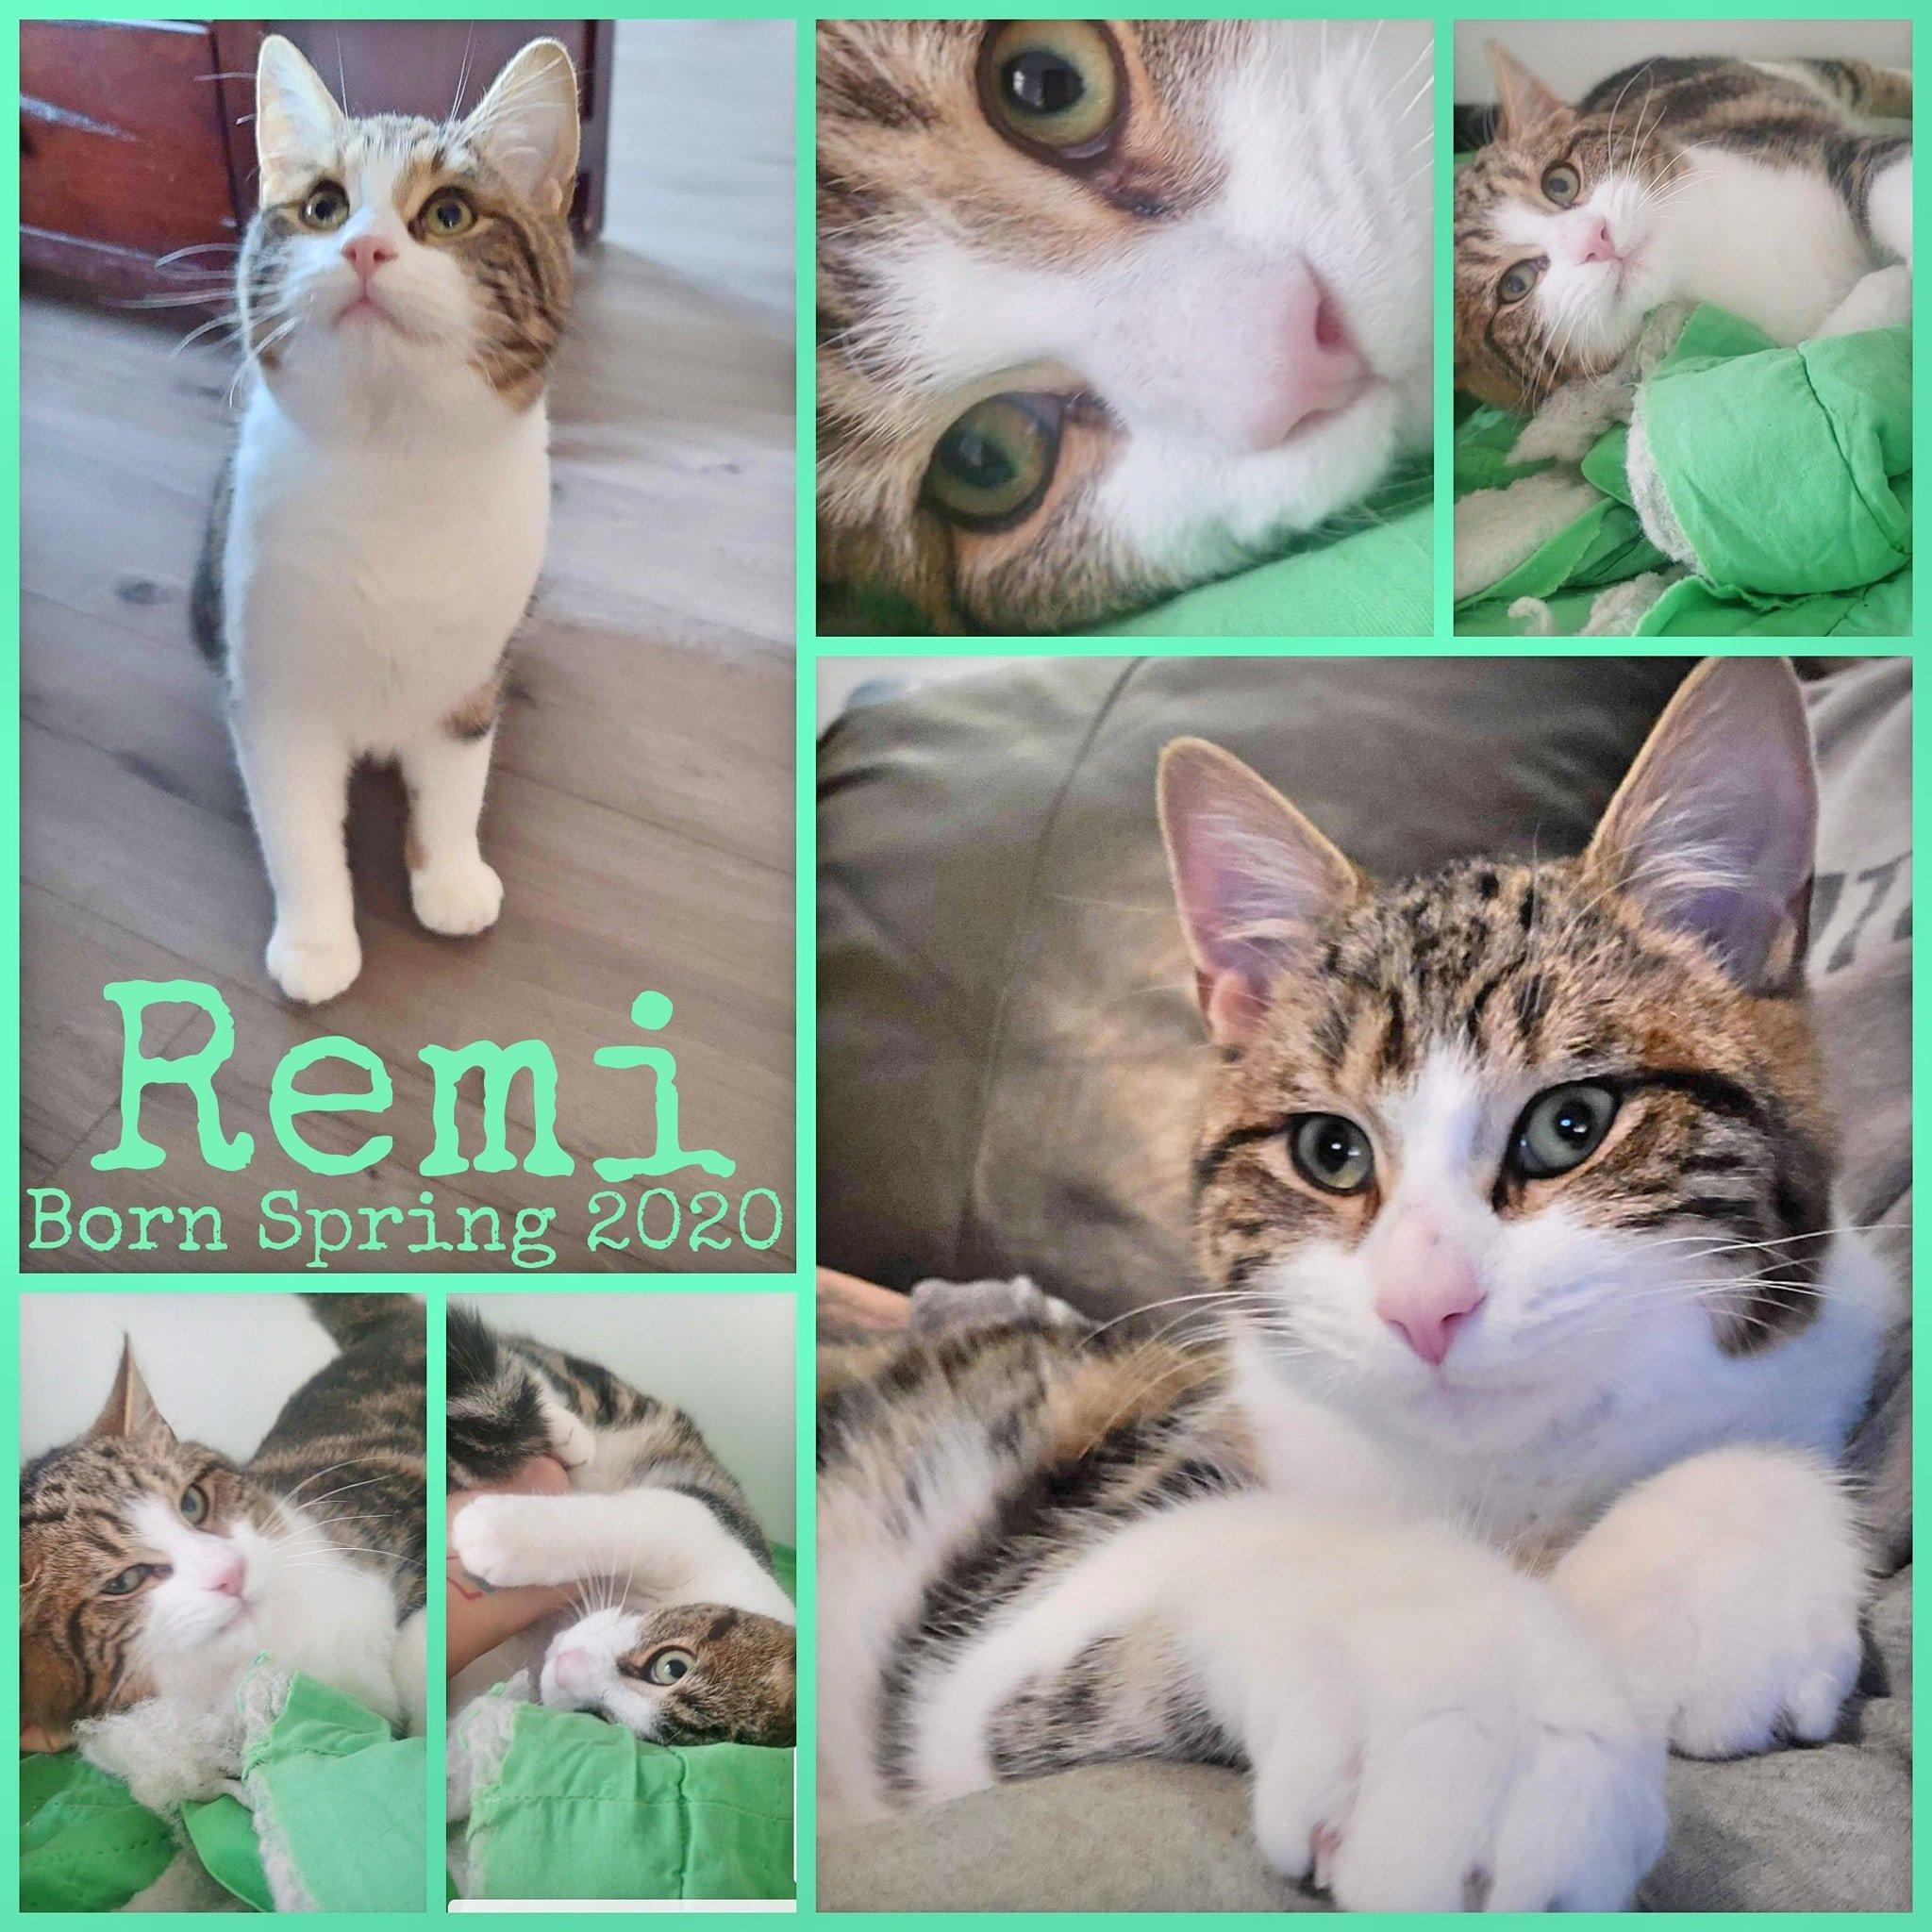 Remi-Male-Born Spring 2020